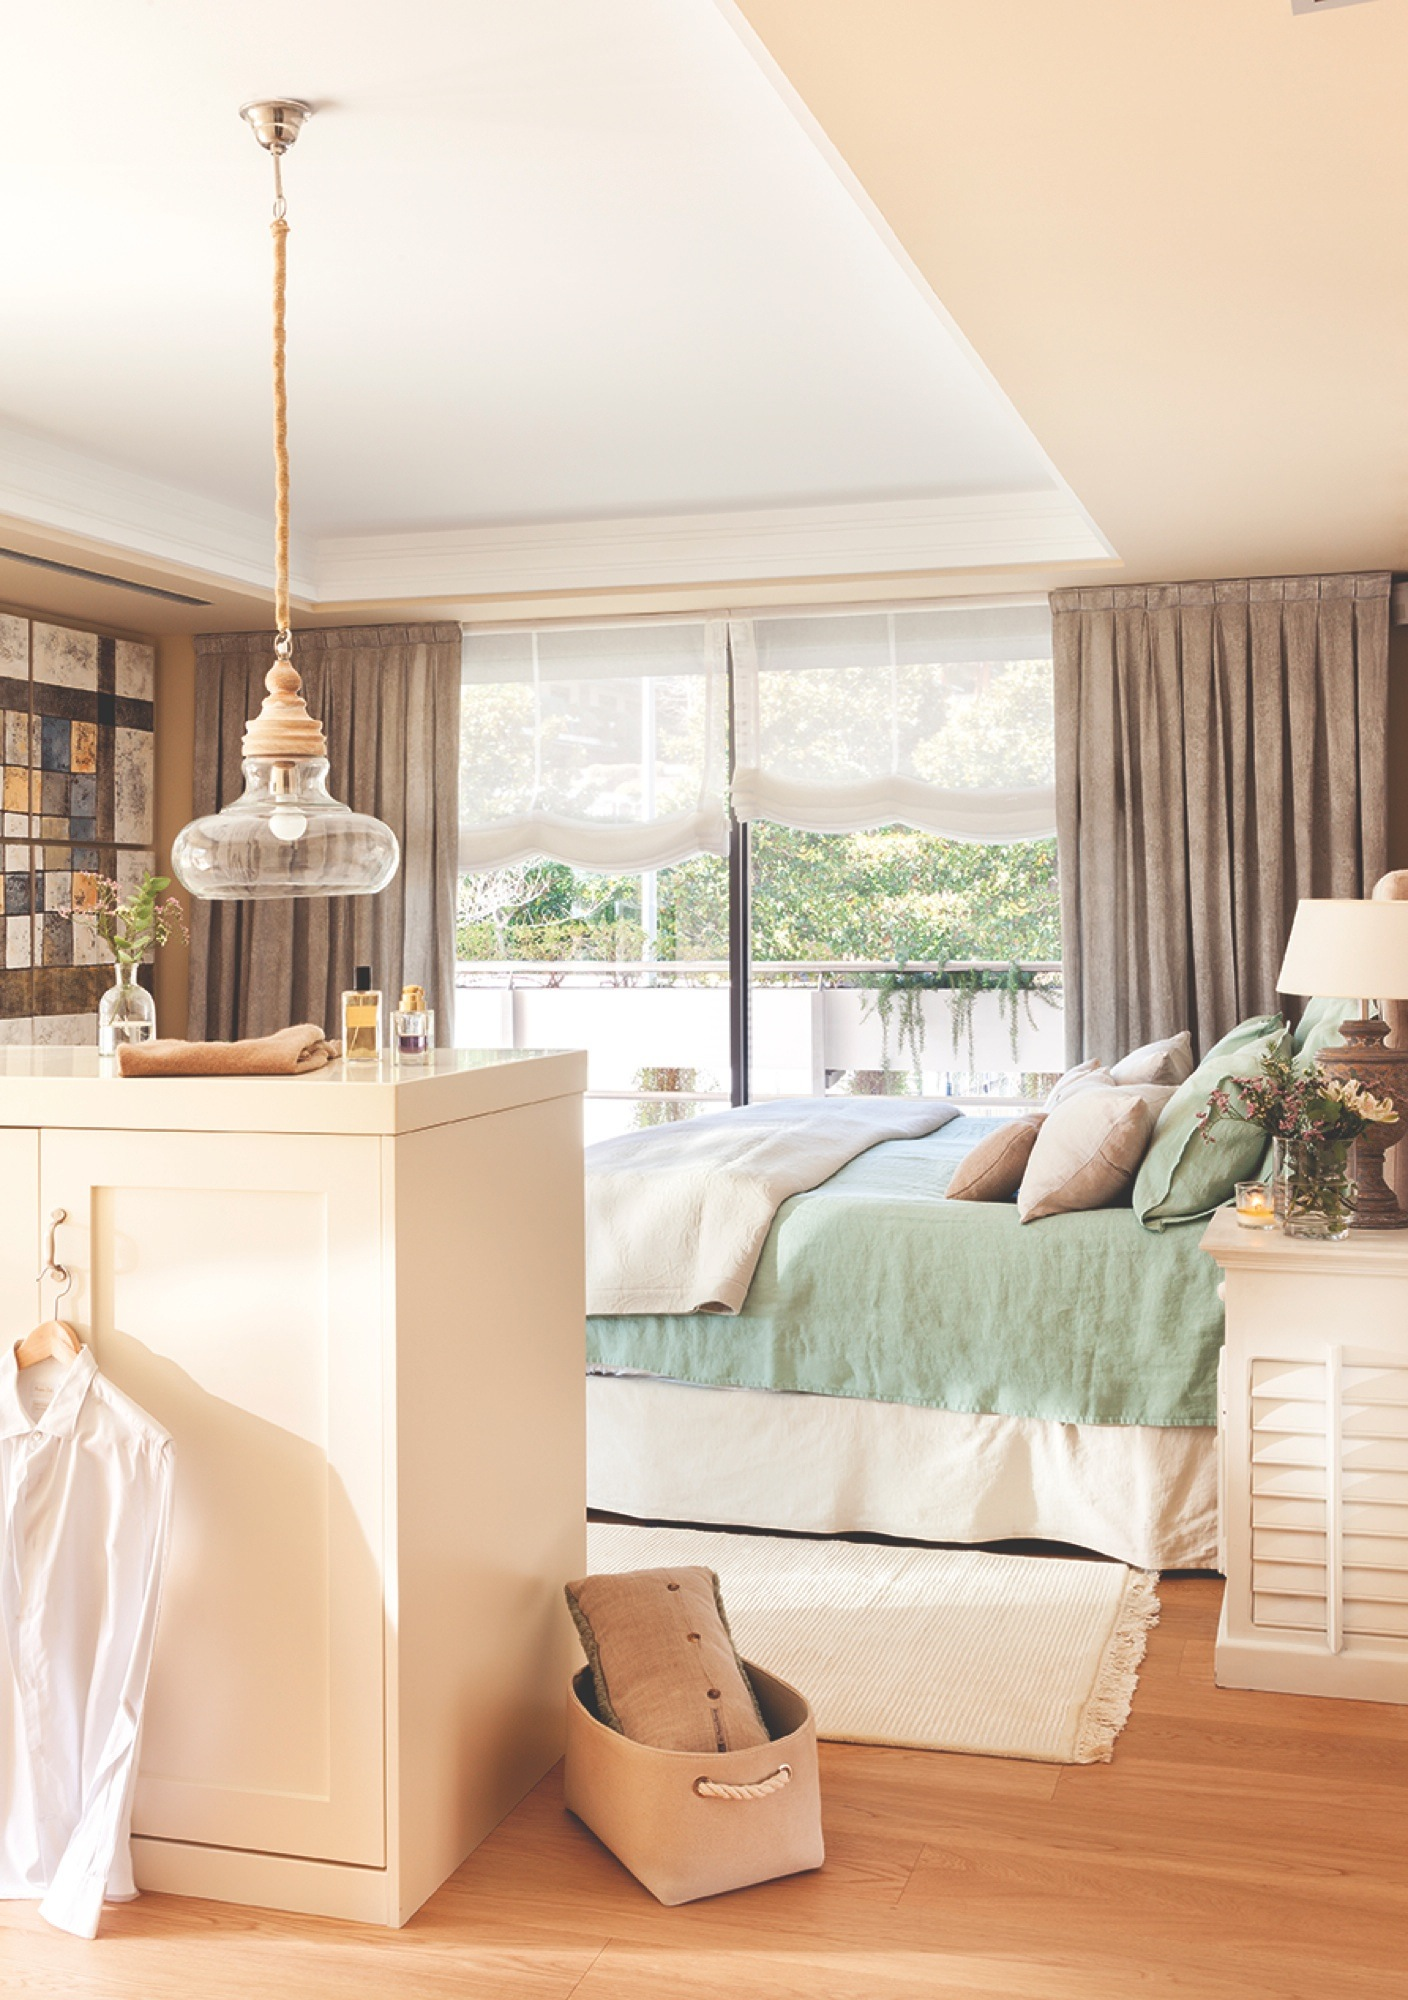 20 dormitorios con muchas ideas for Habitaciones ninos el mueble